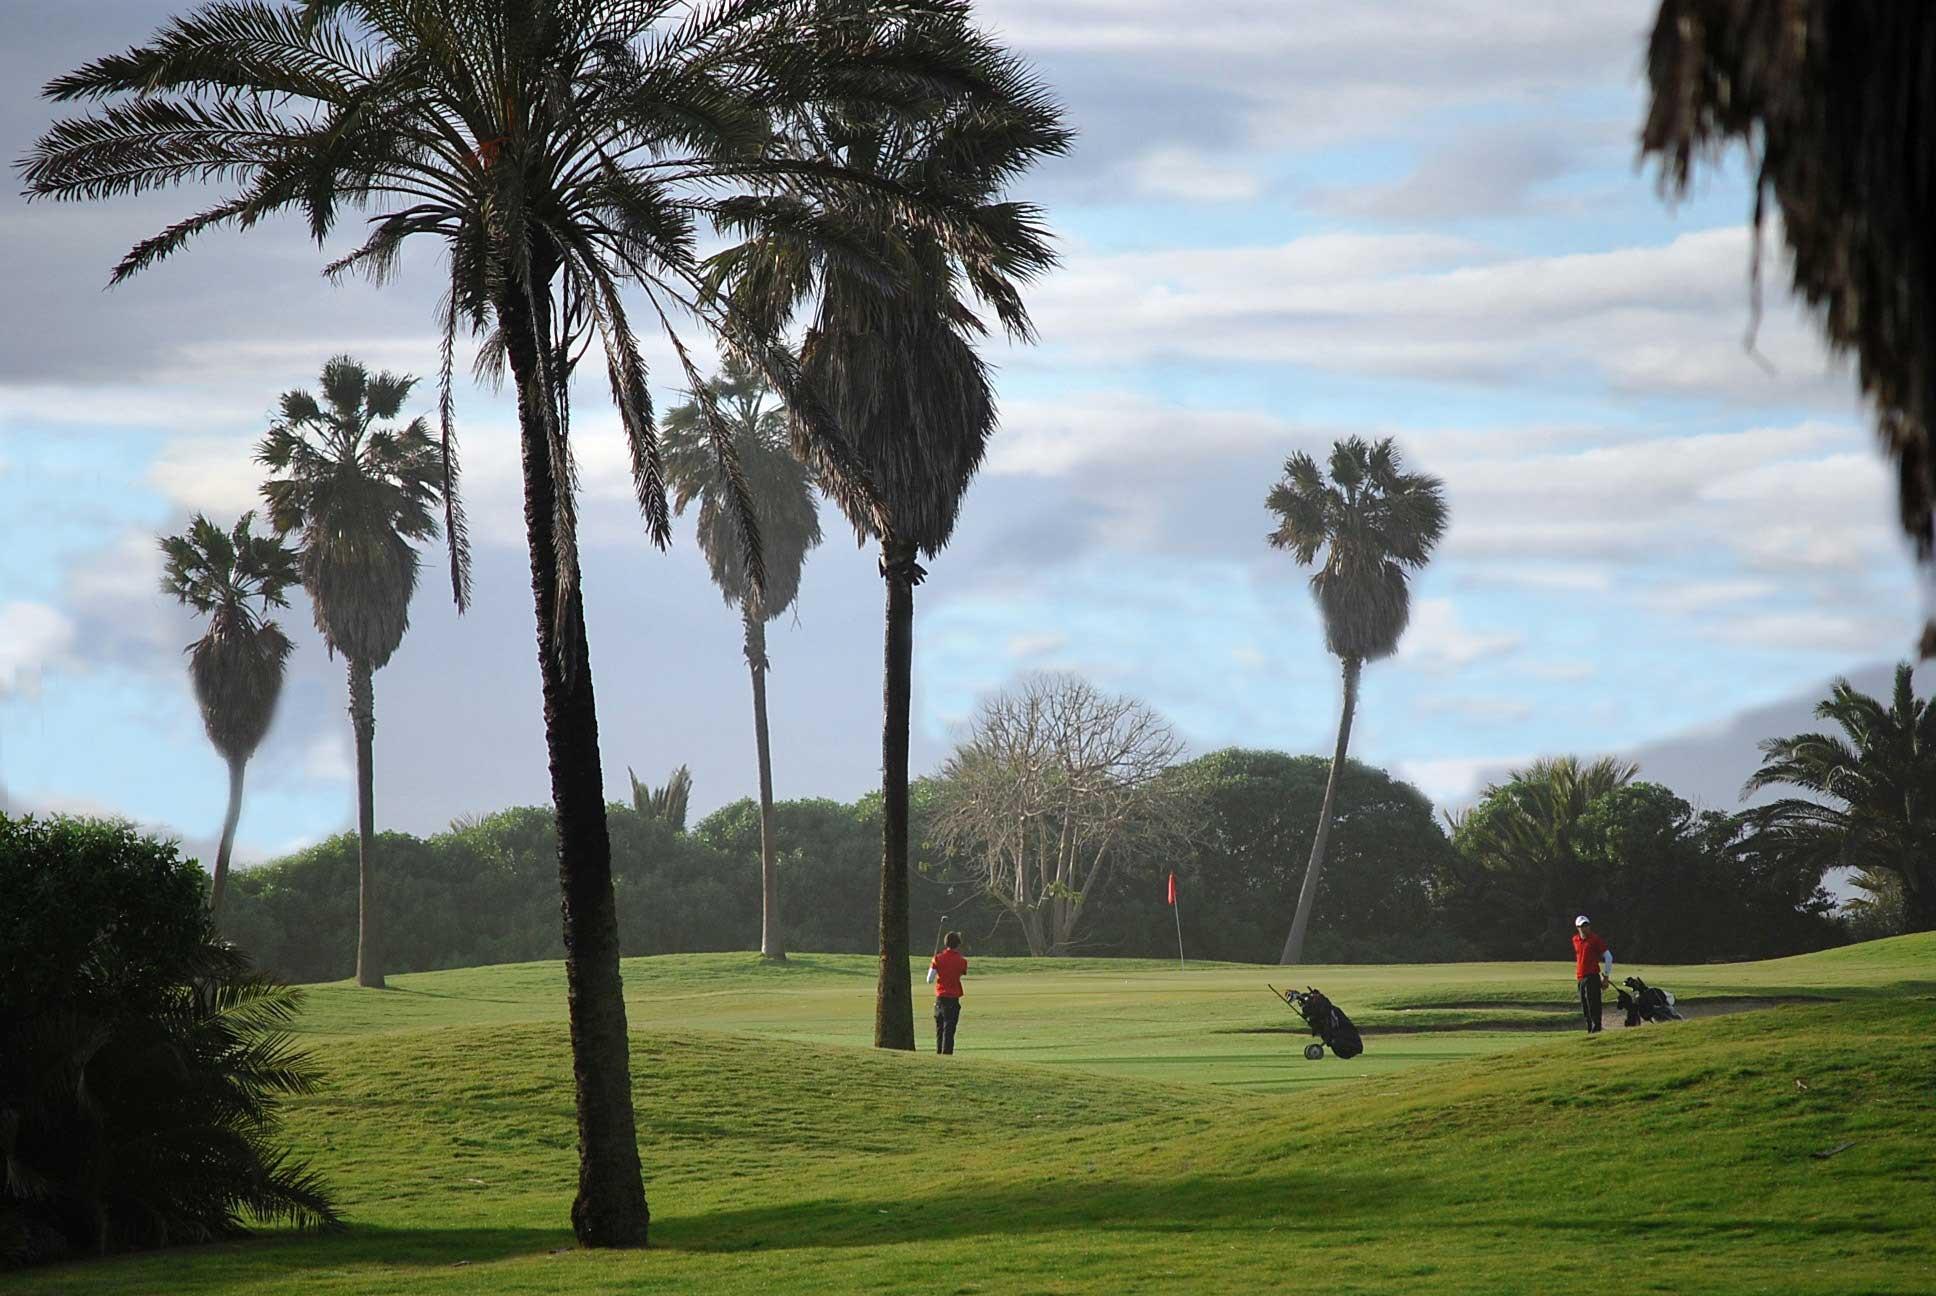 Disfruta del golf con los cinco sentidos